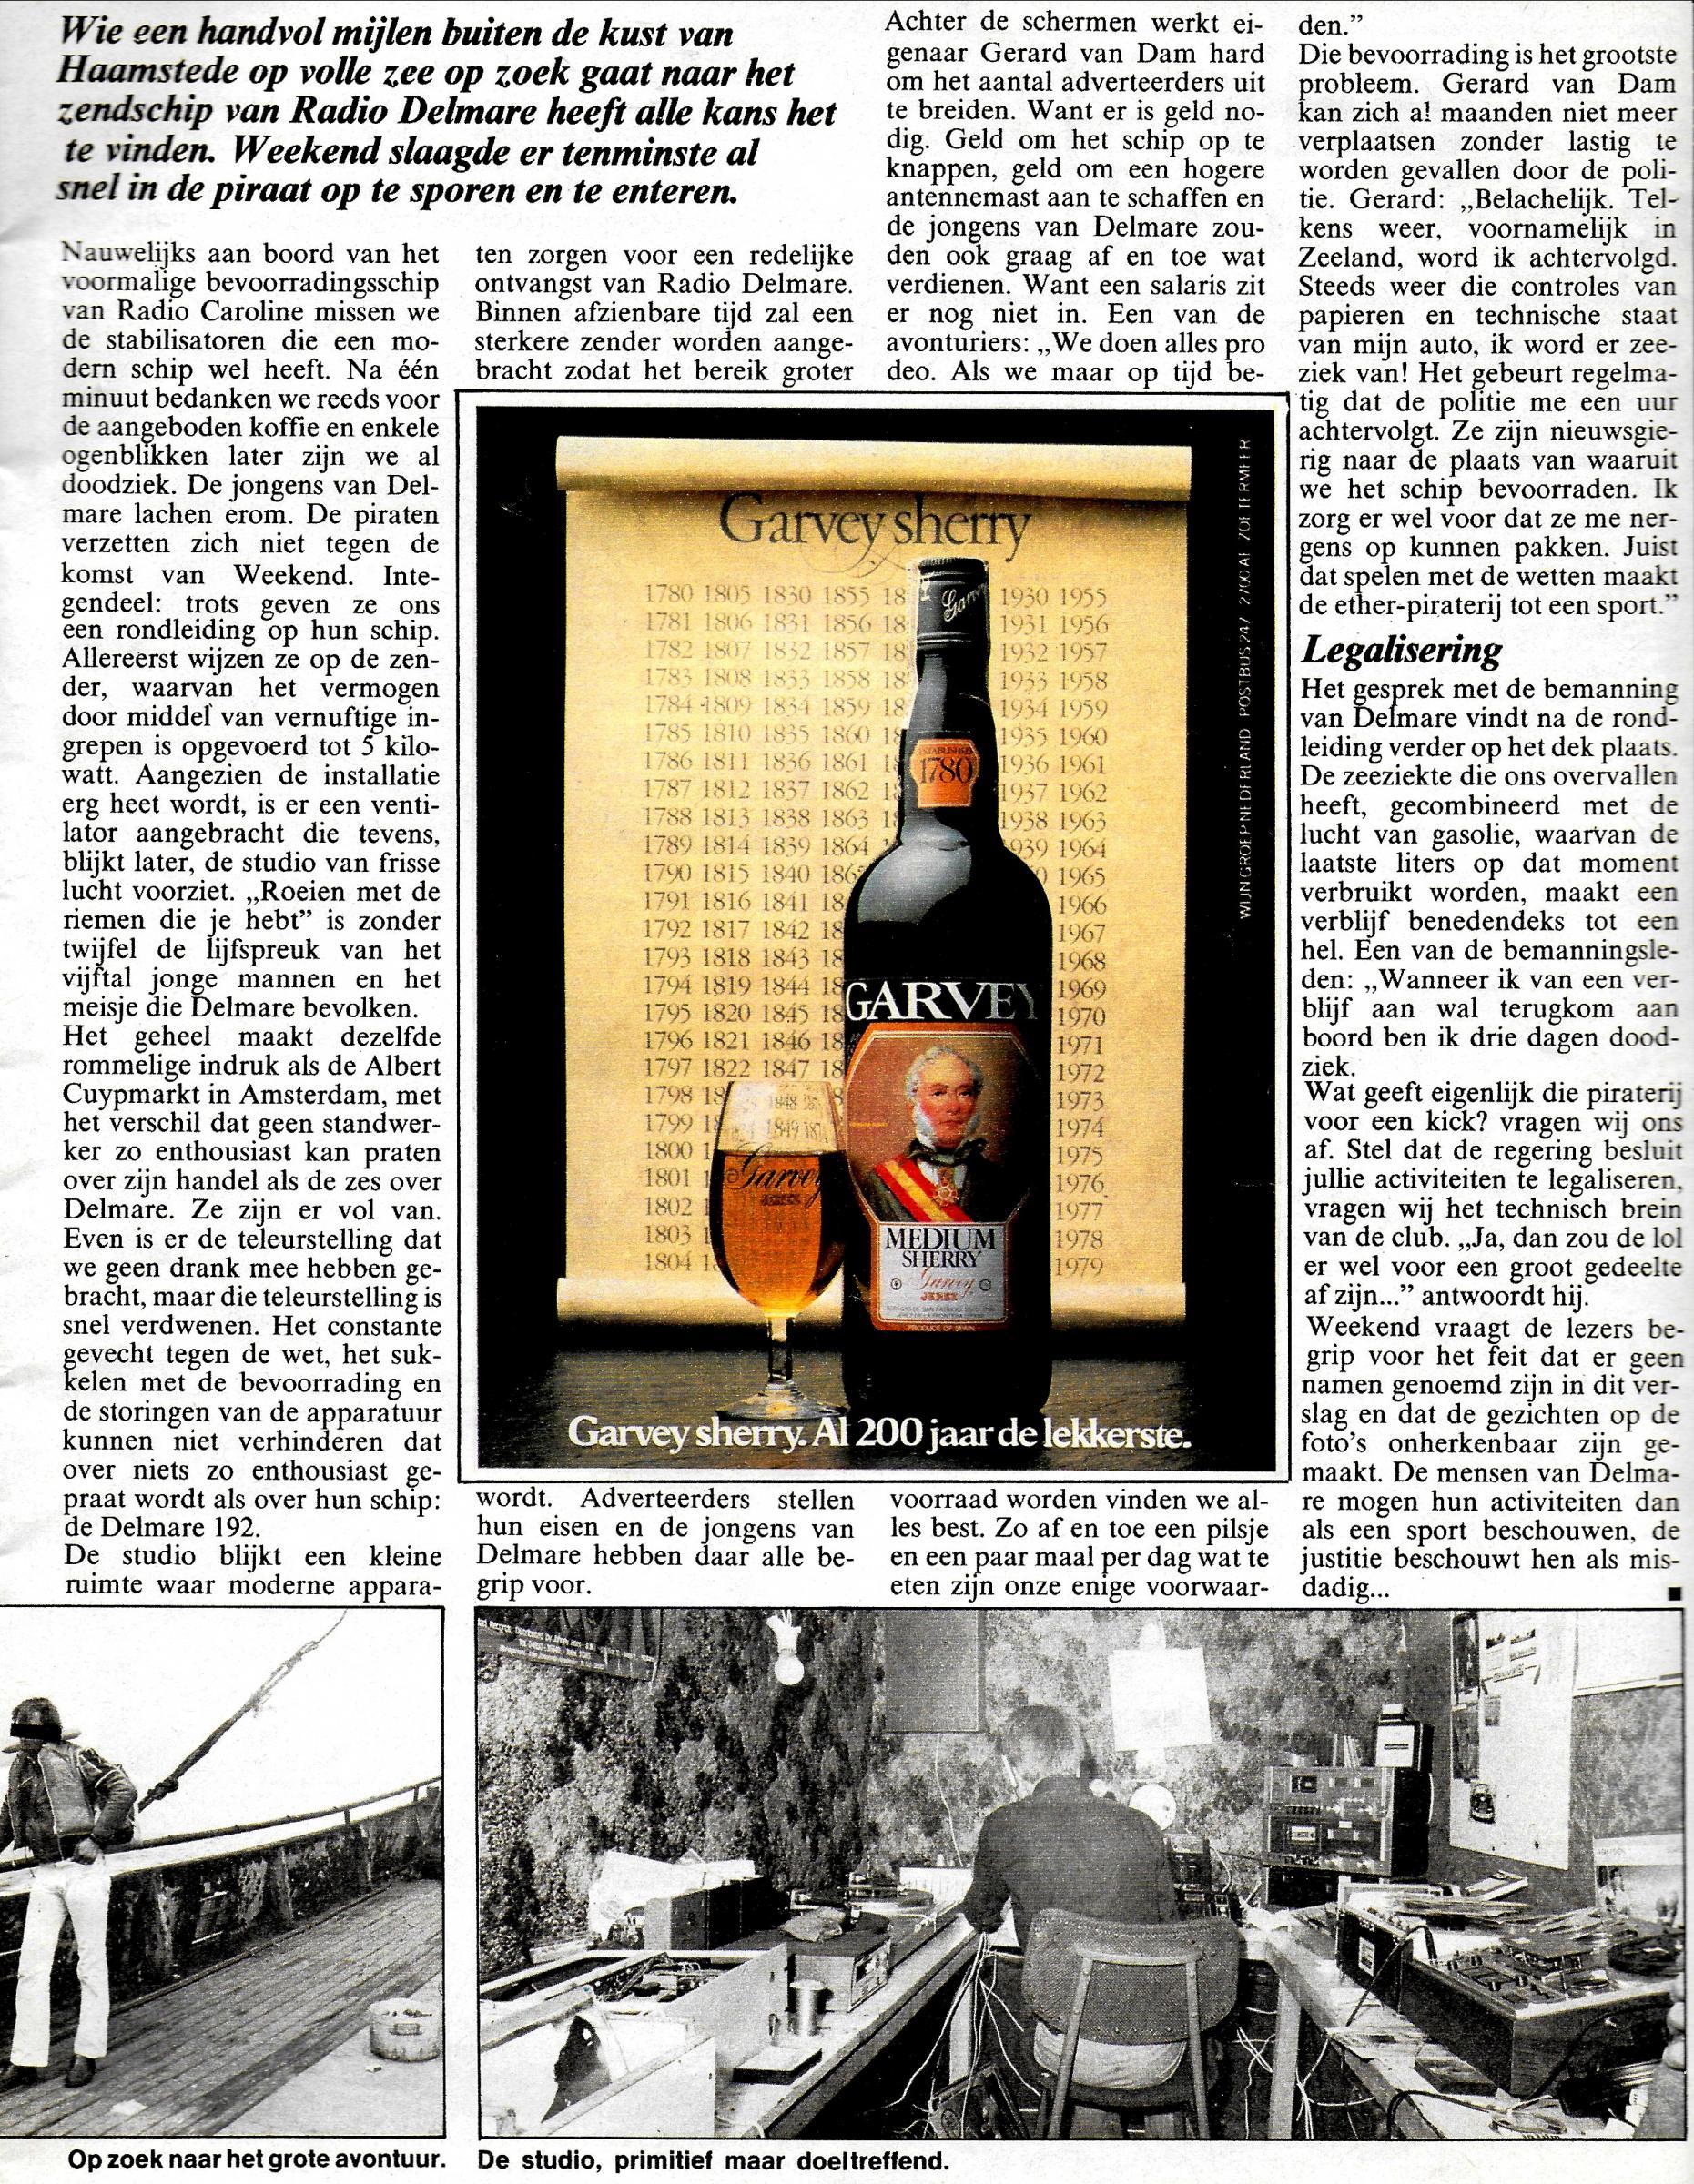 19790818_Weekend augustus Delmare 02 (2).JPG